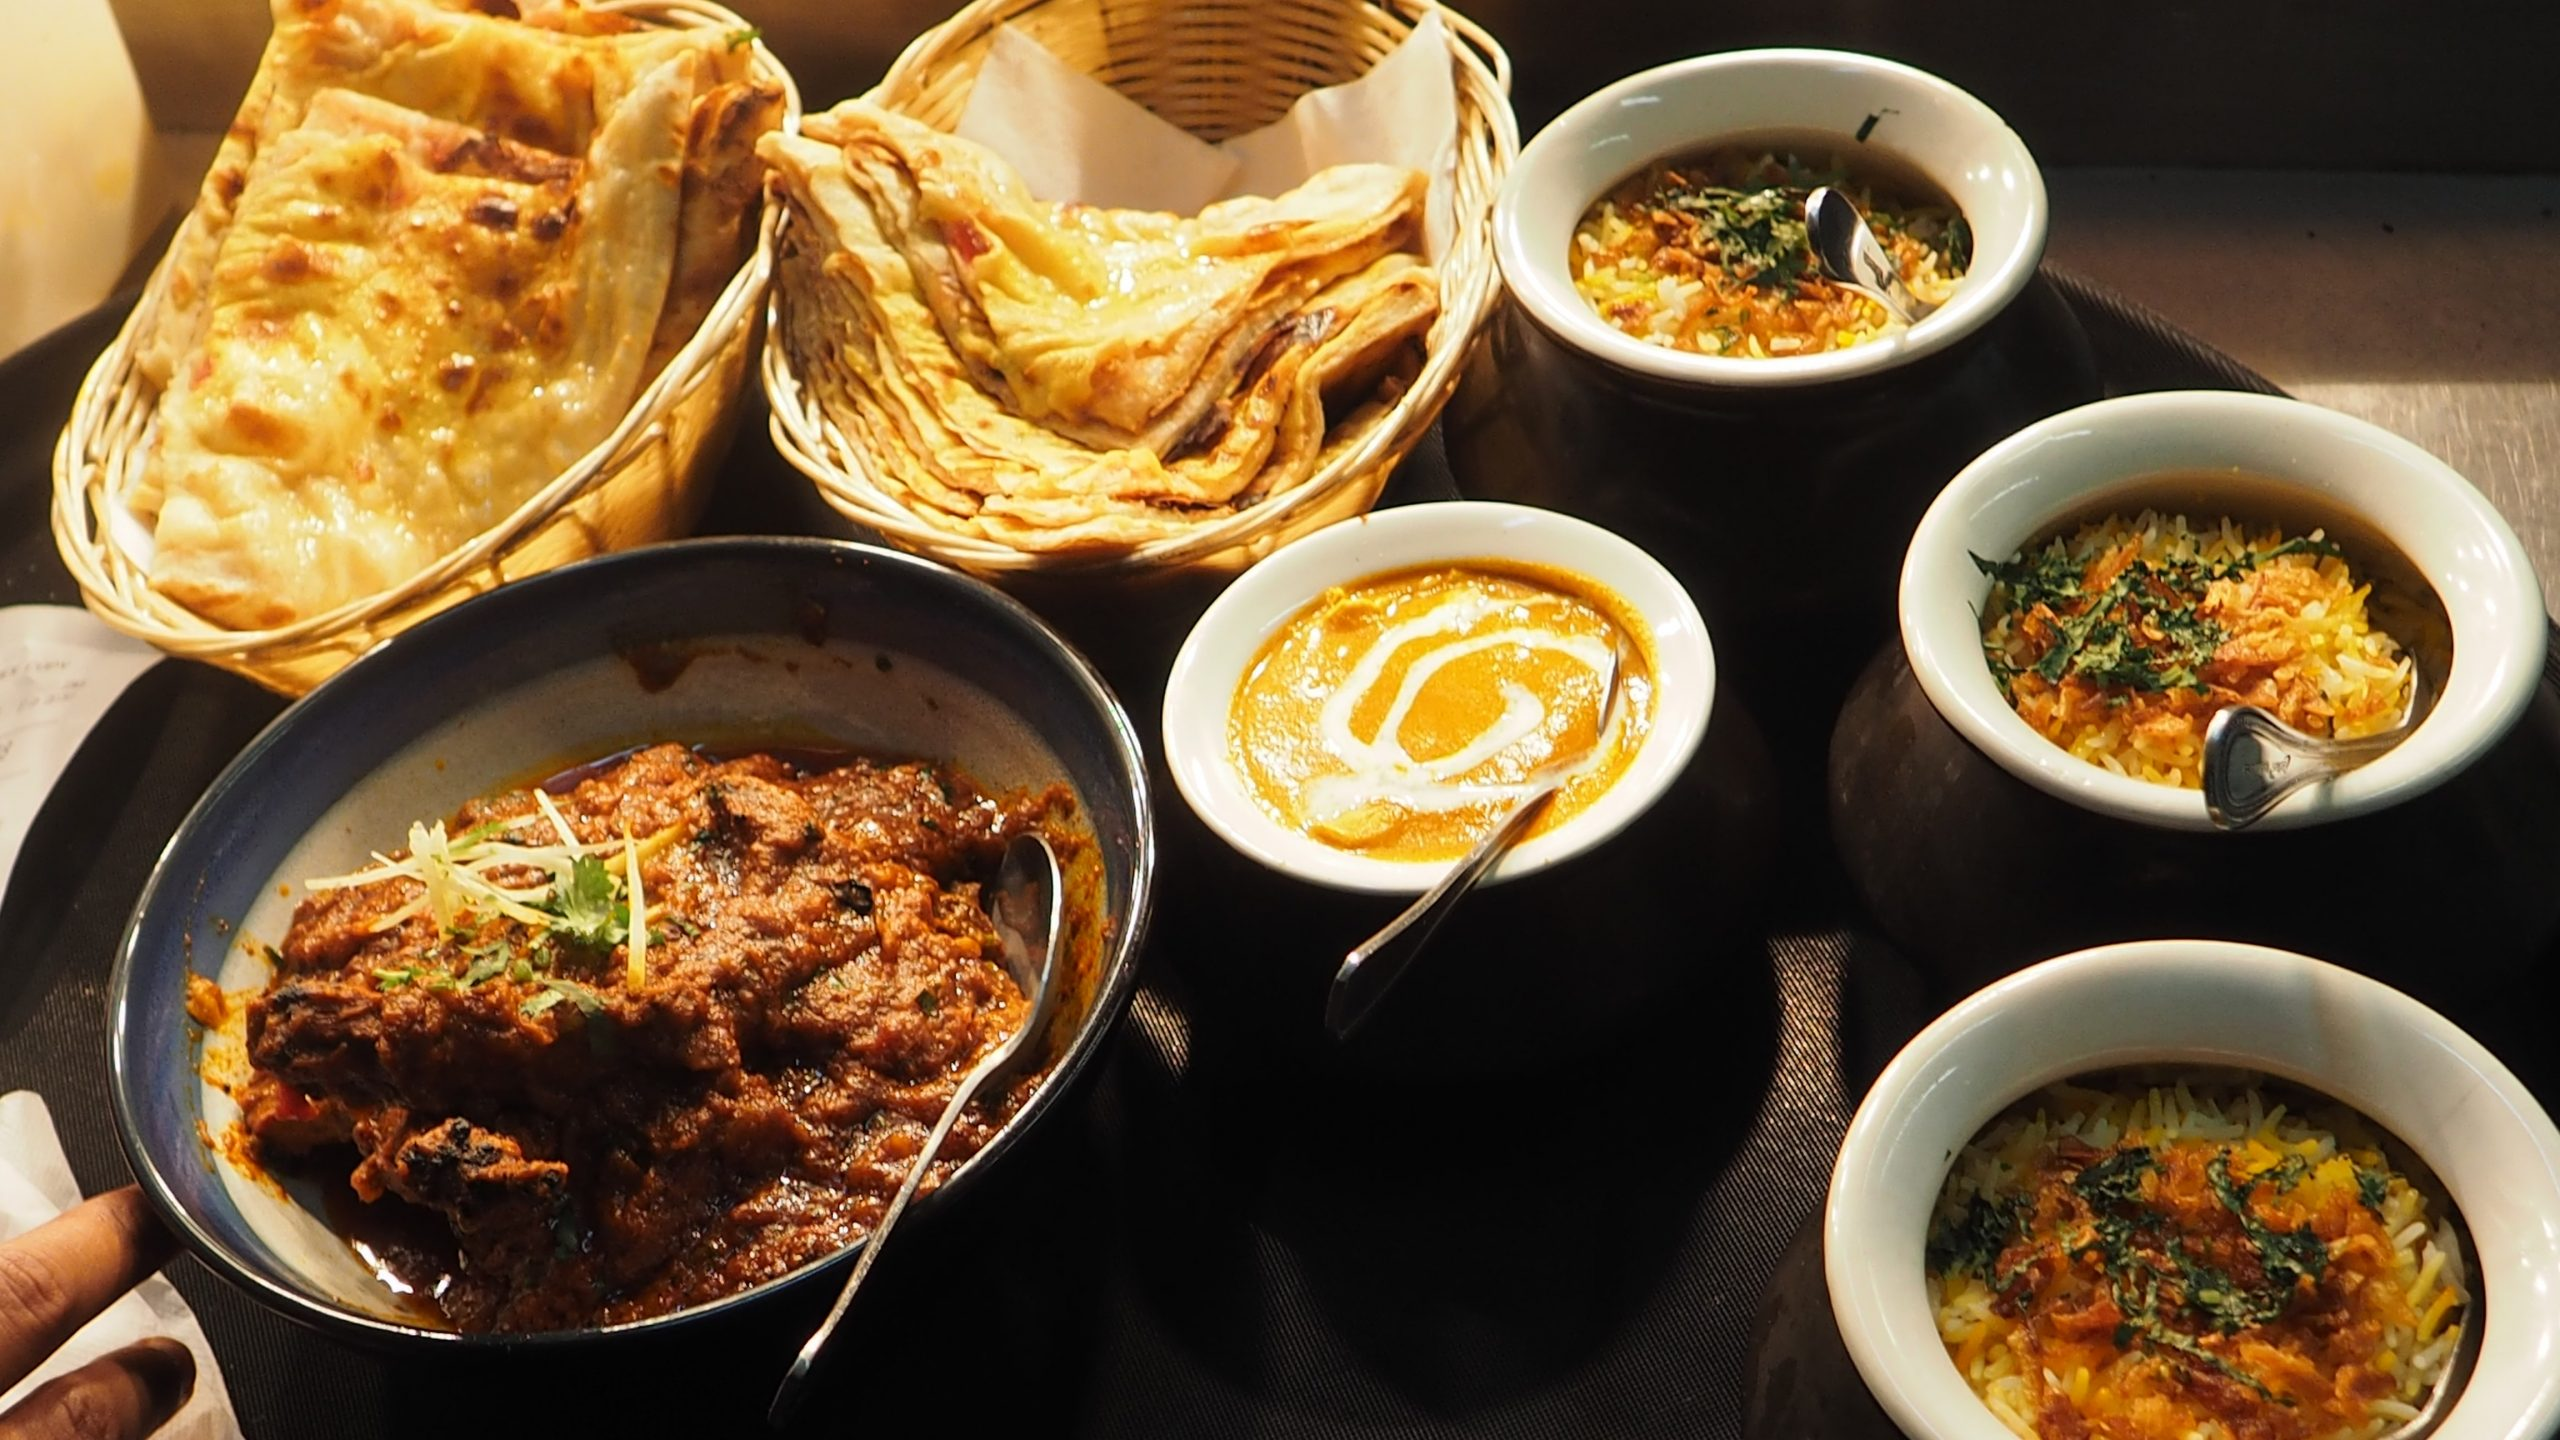 FOR SALE! Established Indian Restaurant for $140K!